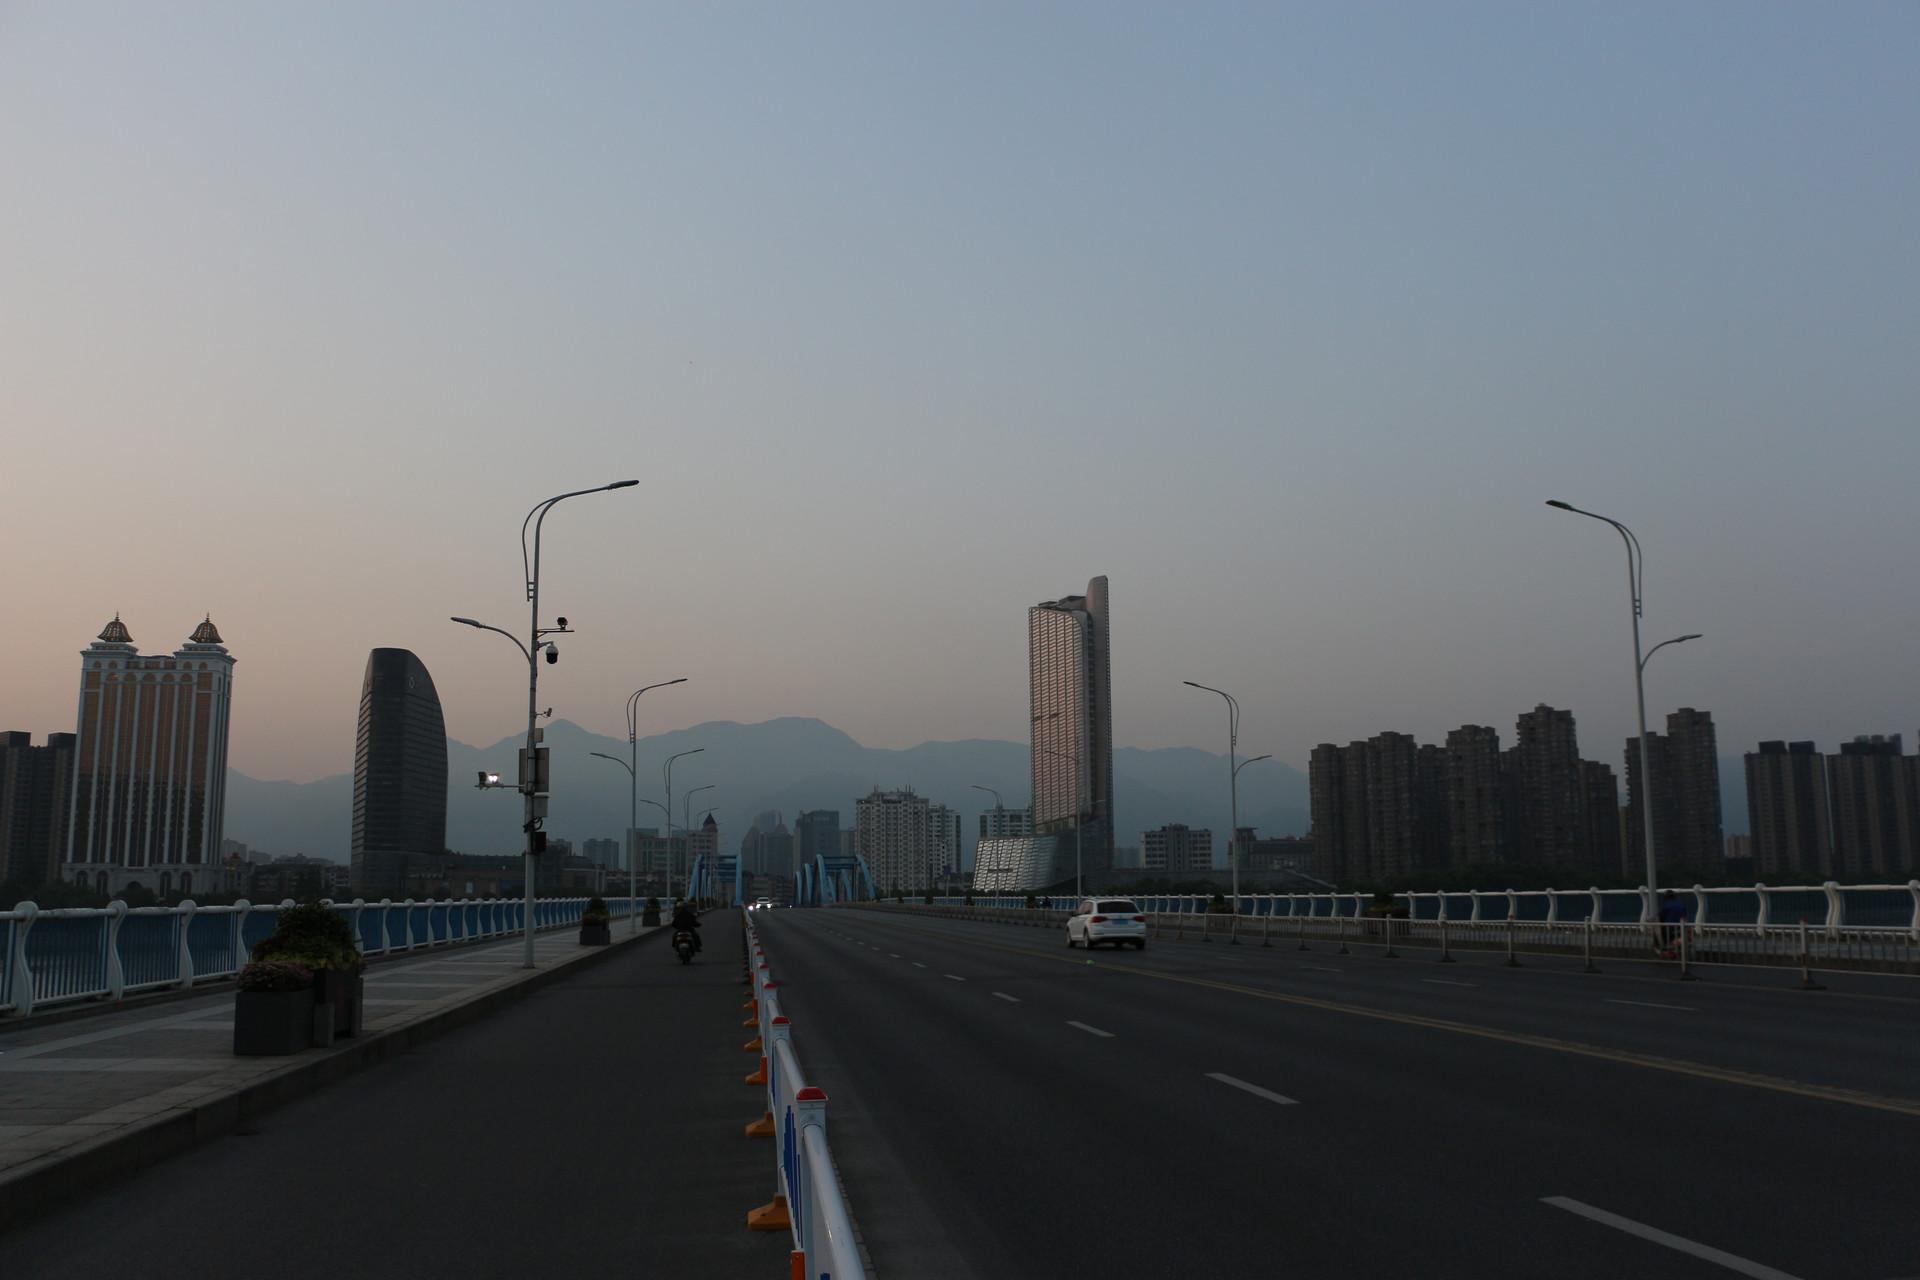 @桐庐县富春江大桥 Canon EOS 700D